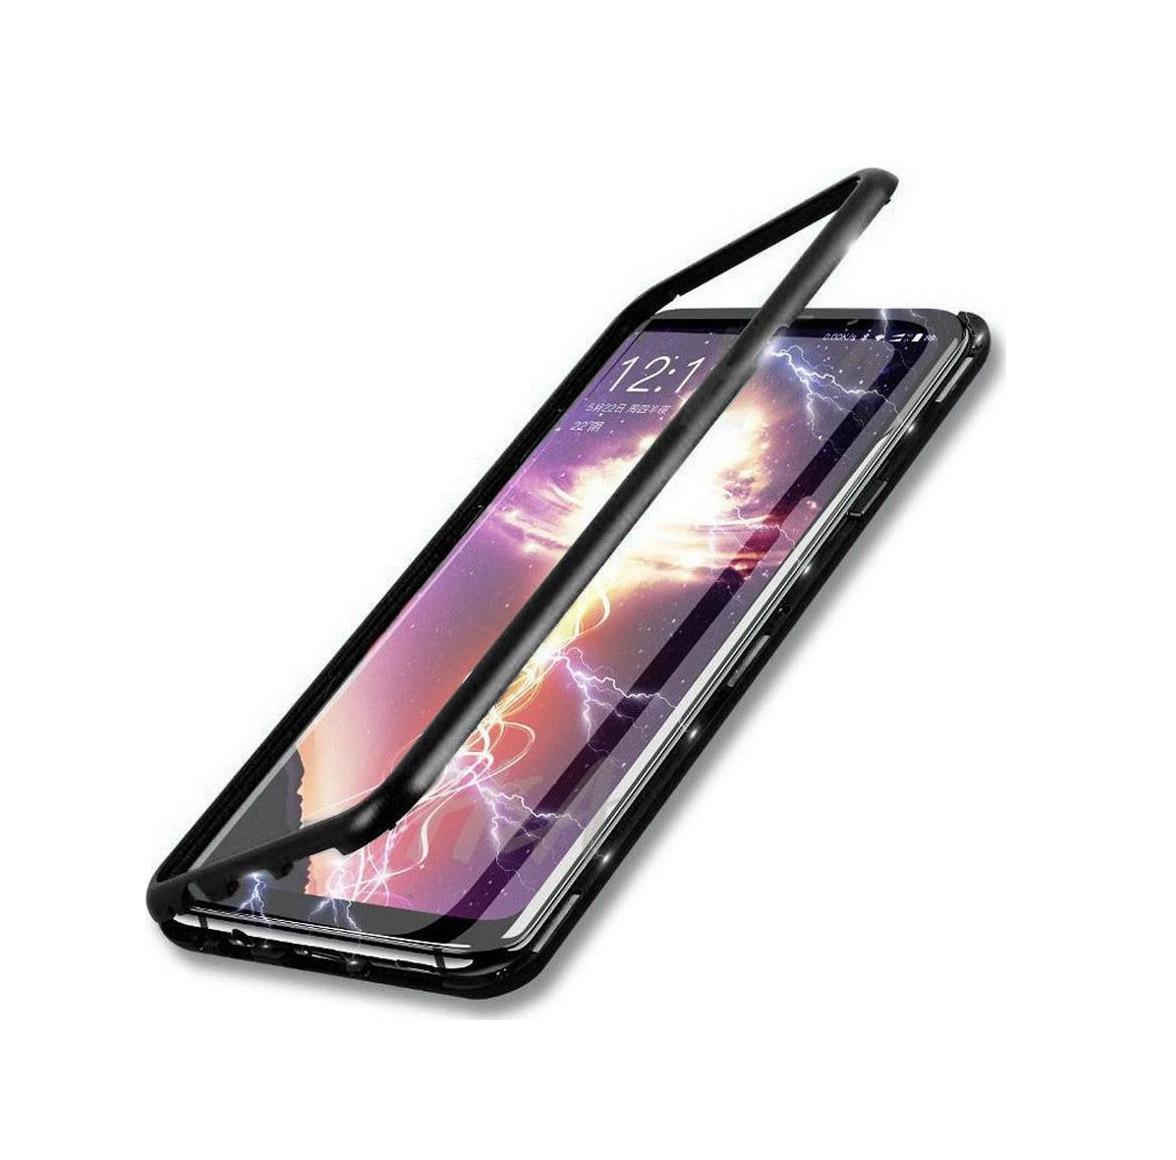 Θήκη Magnetic 360 Case για iPhone XS Max Black